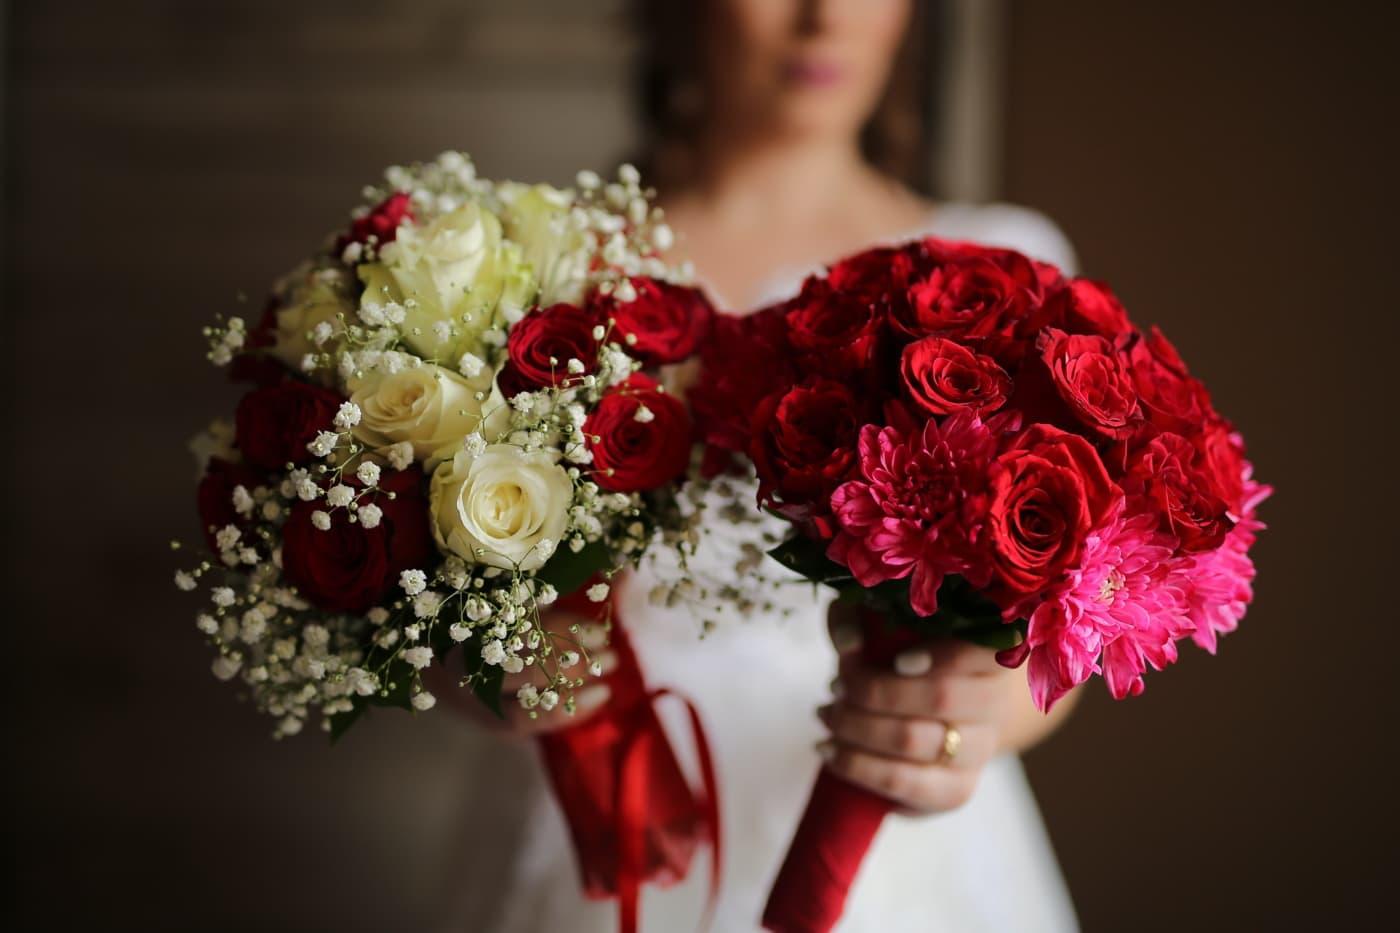 roser, bryllup bukett, rødlig, bukett, ordningen, ekteskap, steg, kjærlighet, romantikk, bruden